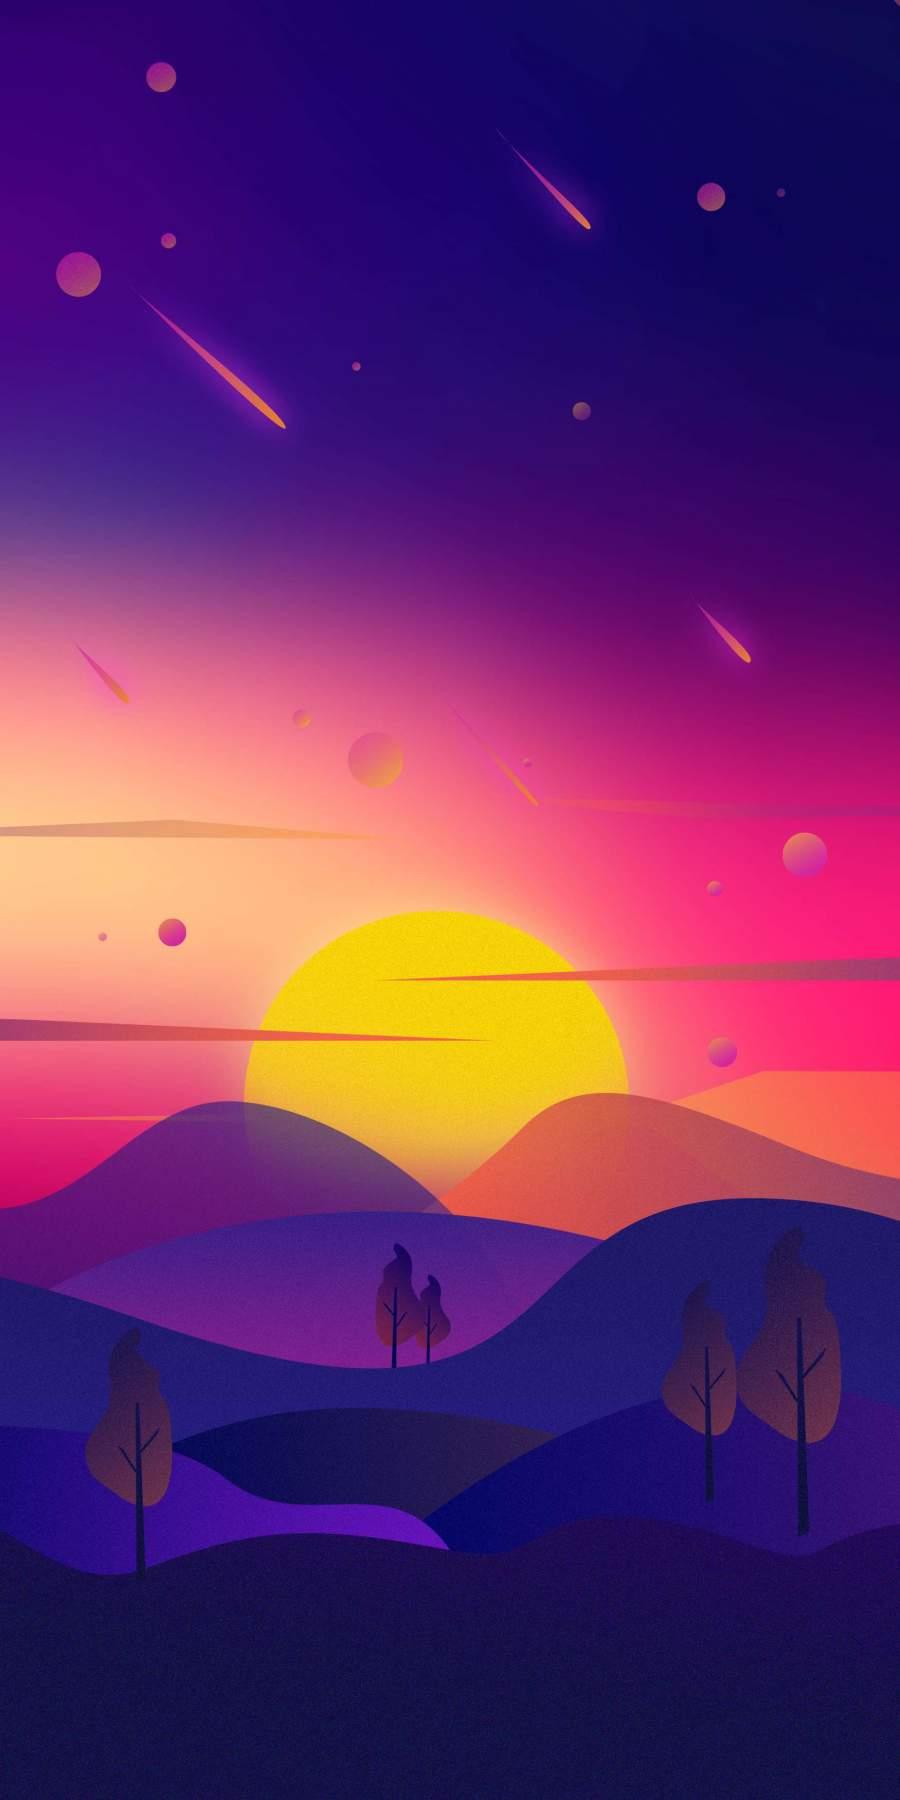 Sunset Art iPhone Wallpaper